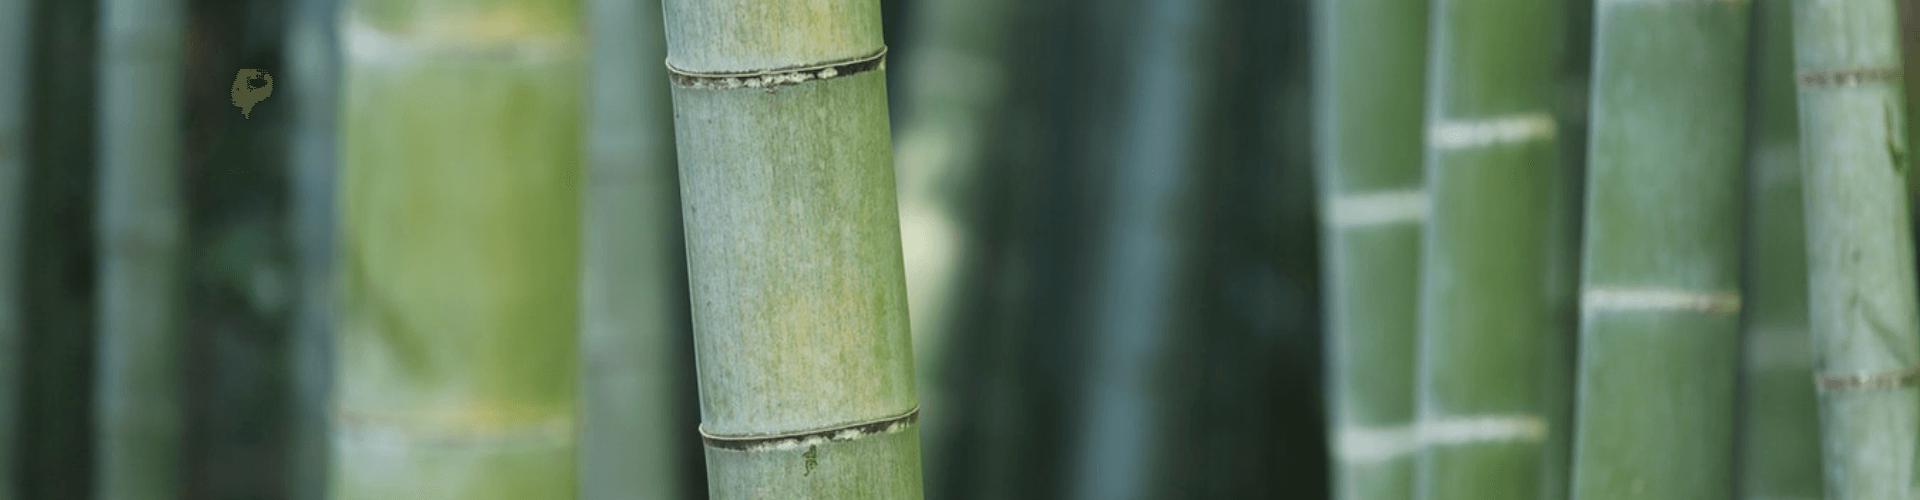 6 tips to create a Balinese inspired garden